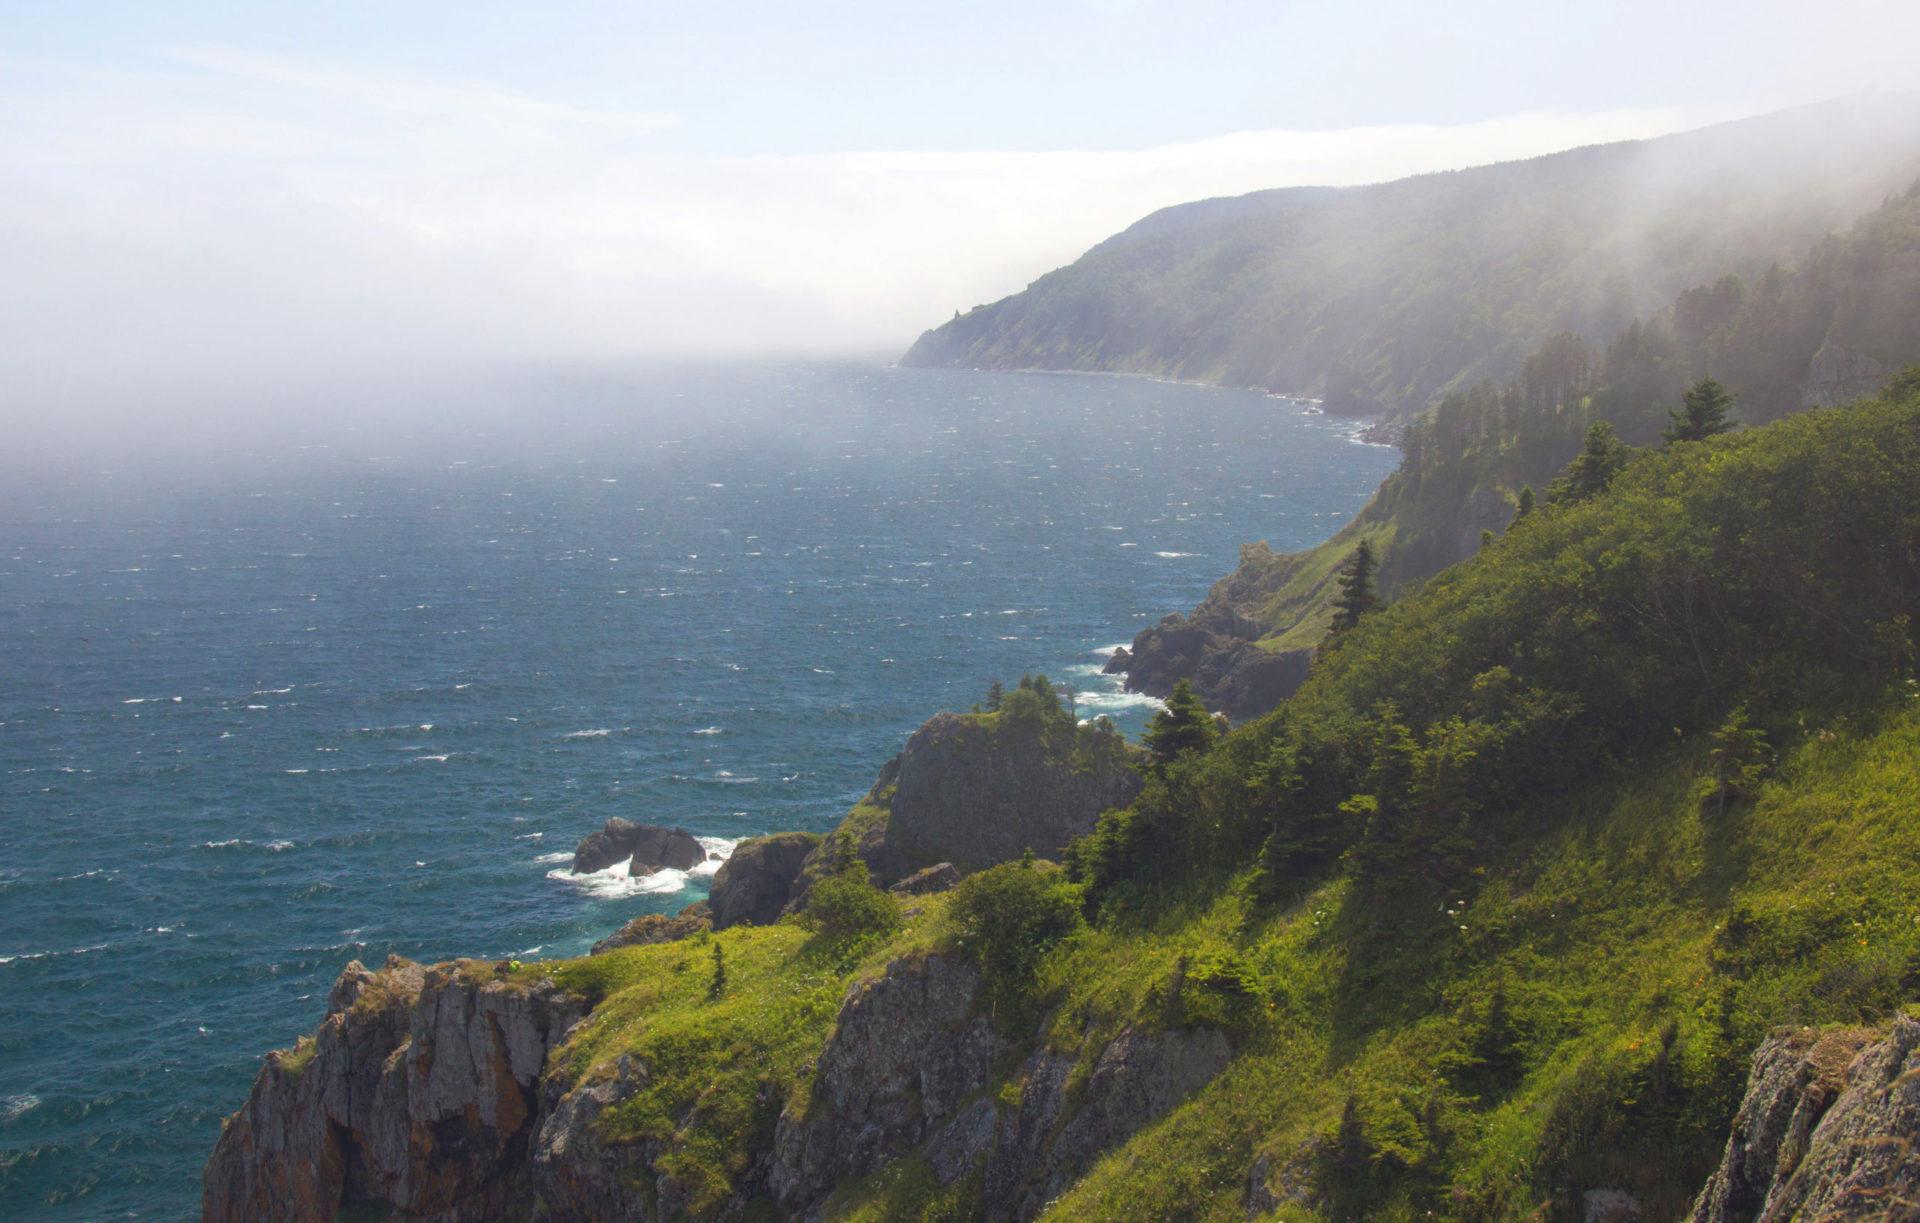 Попробуйте Восхититься красотой акватории Татарского пролива – места, где Сихотэ-Алиньский горный хребет соприкасается с морем. Вы станете настоящим участником морской экспедиции первопроходцев!